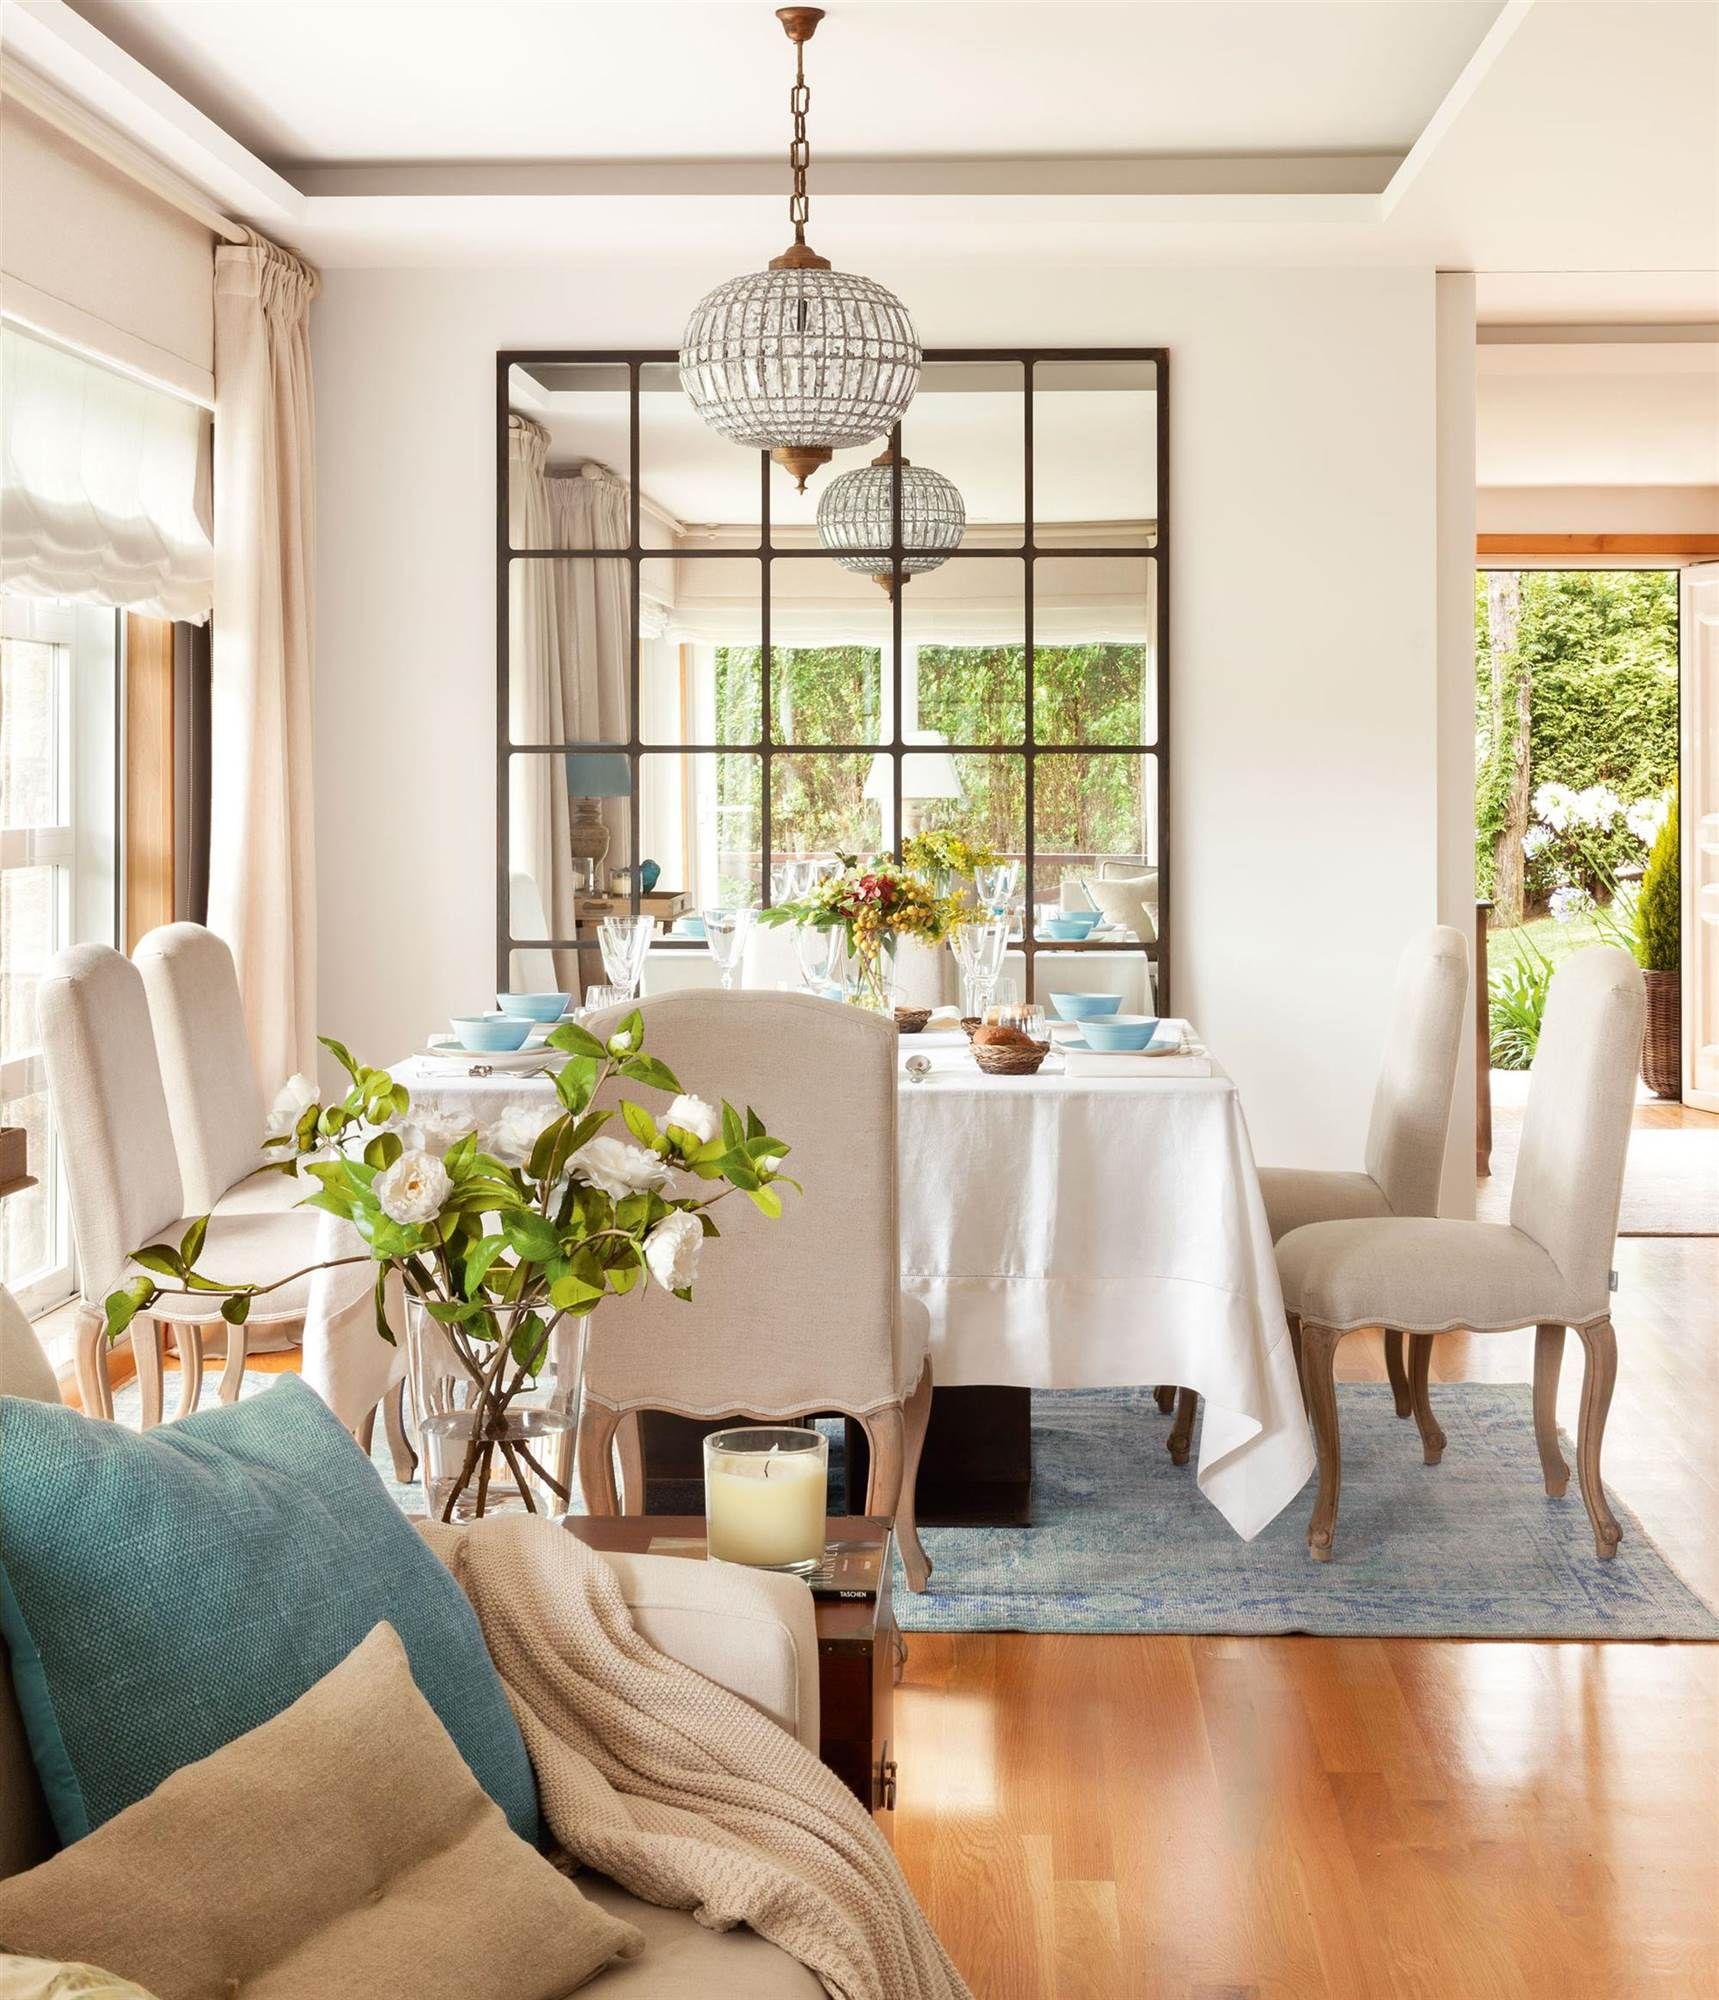 Espejos 10 razones para amarlos espejo comedores y ventana for Programa para crear espacios interiores